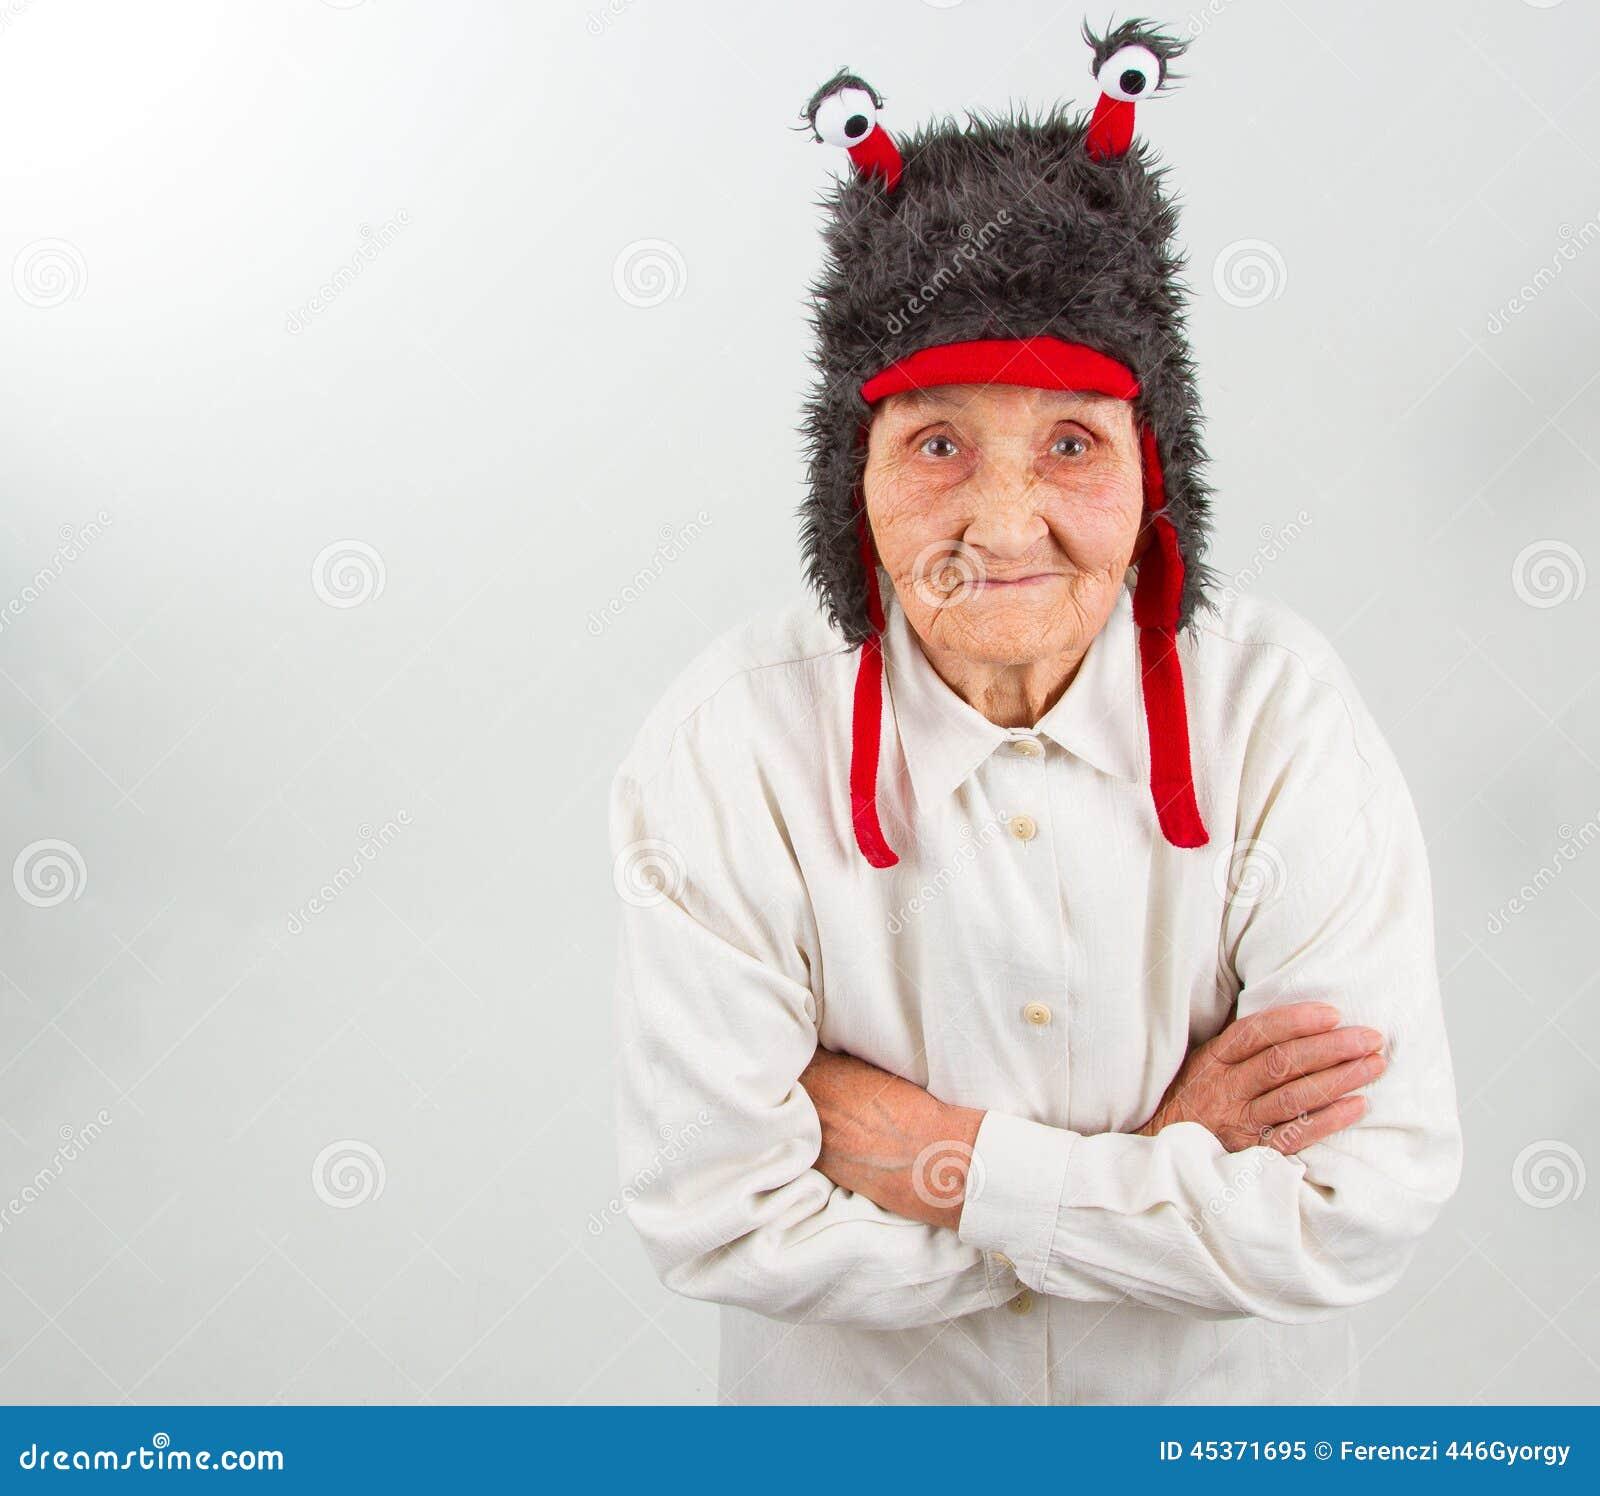 Смешные ролики со старухами 12 фотография